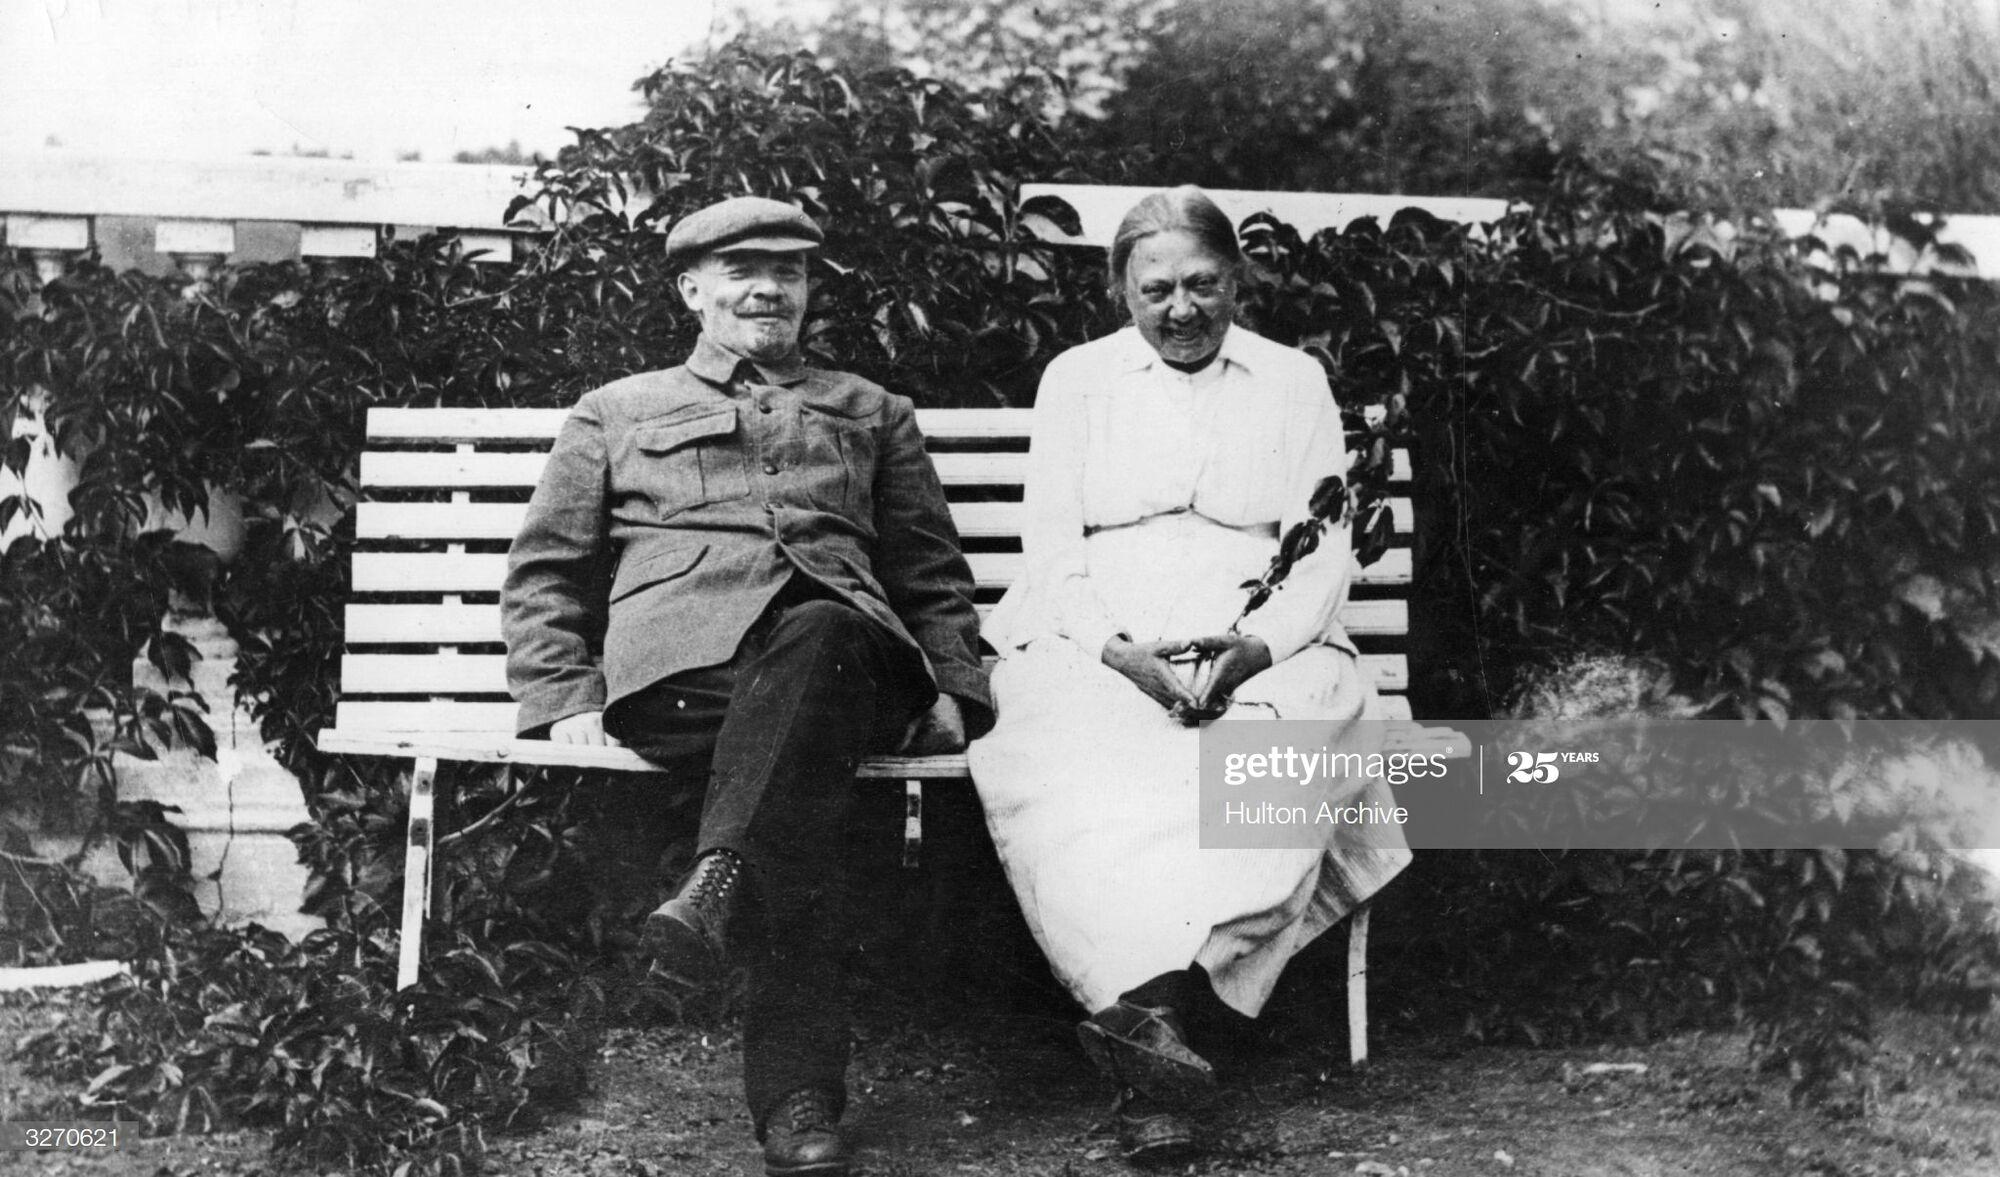 Володимир Ленін і Надія Крупська, 1922 рік